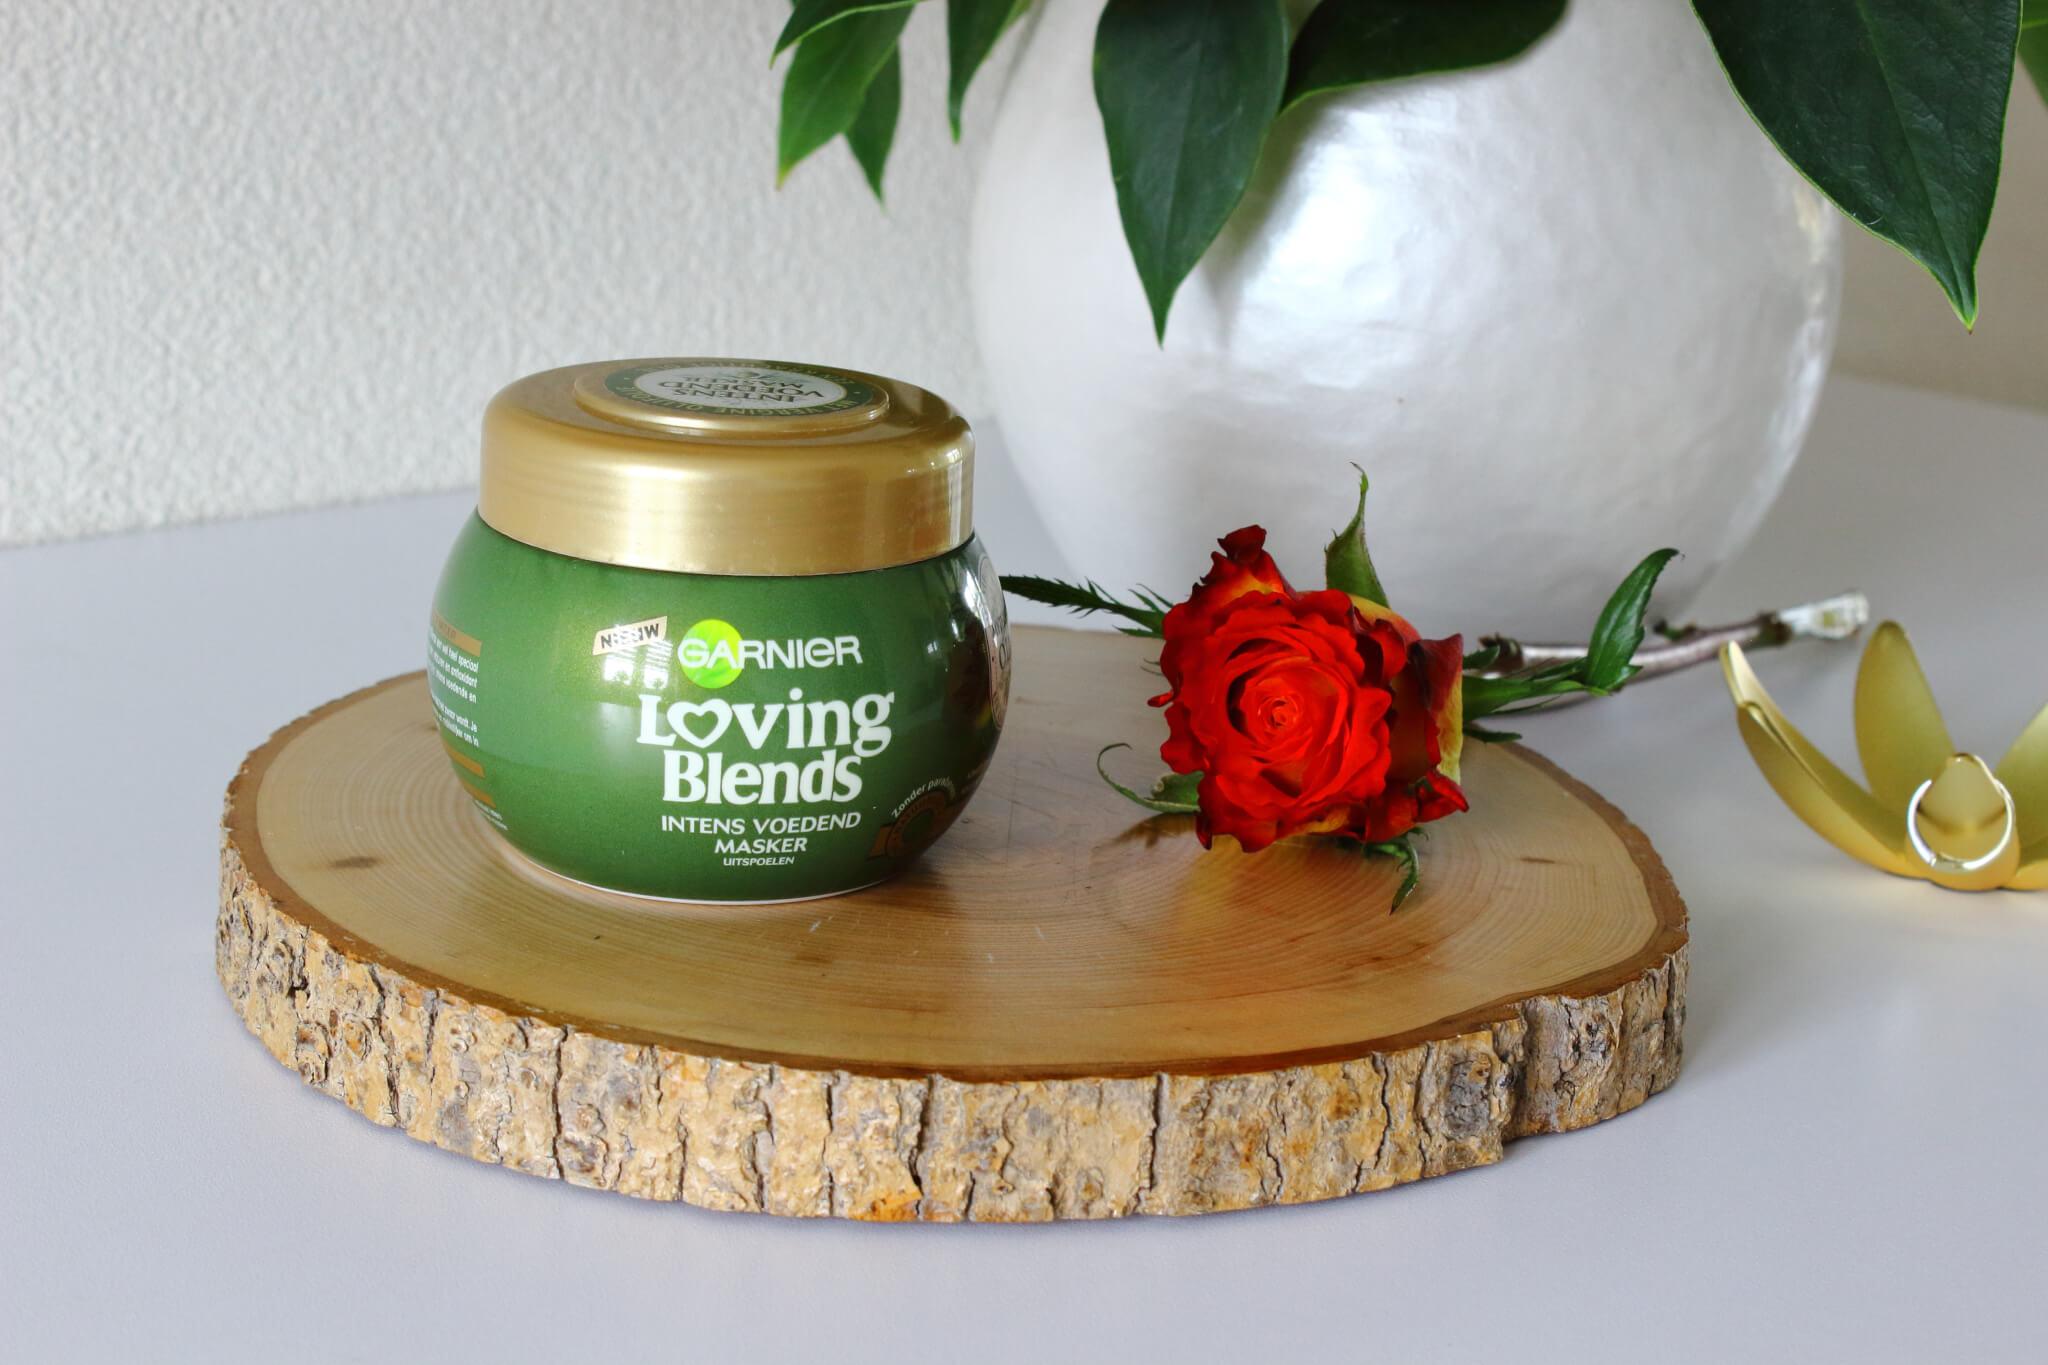 MindandBeauty.nl Review Garnier Loving Blends Intens Voedend Masker 10